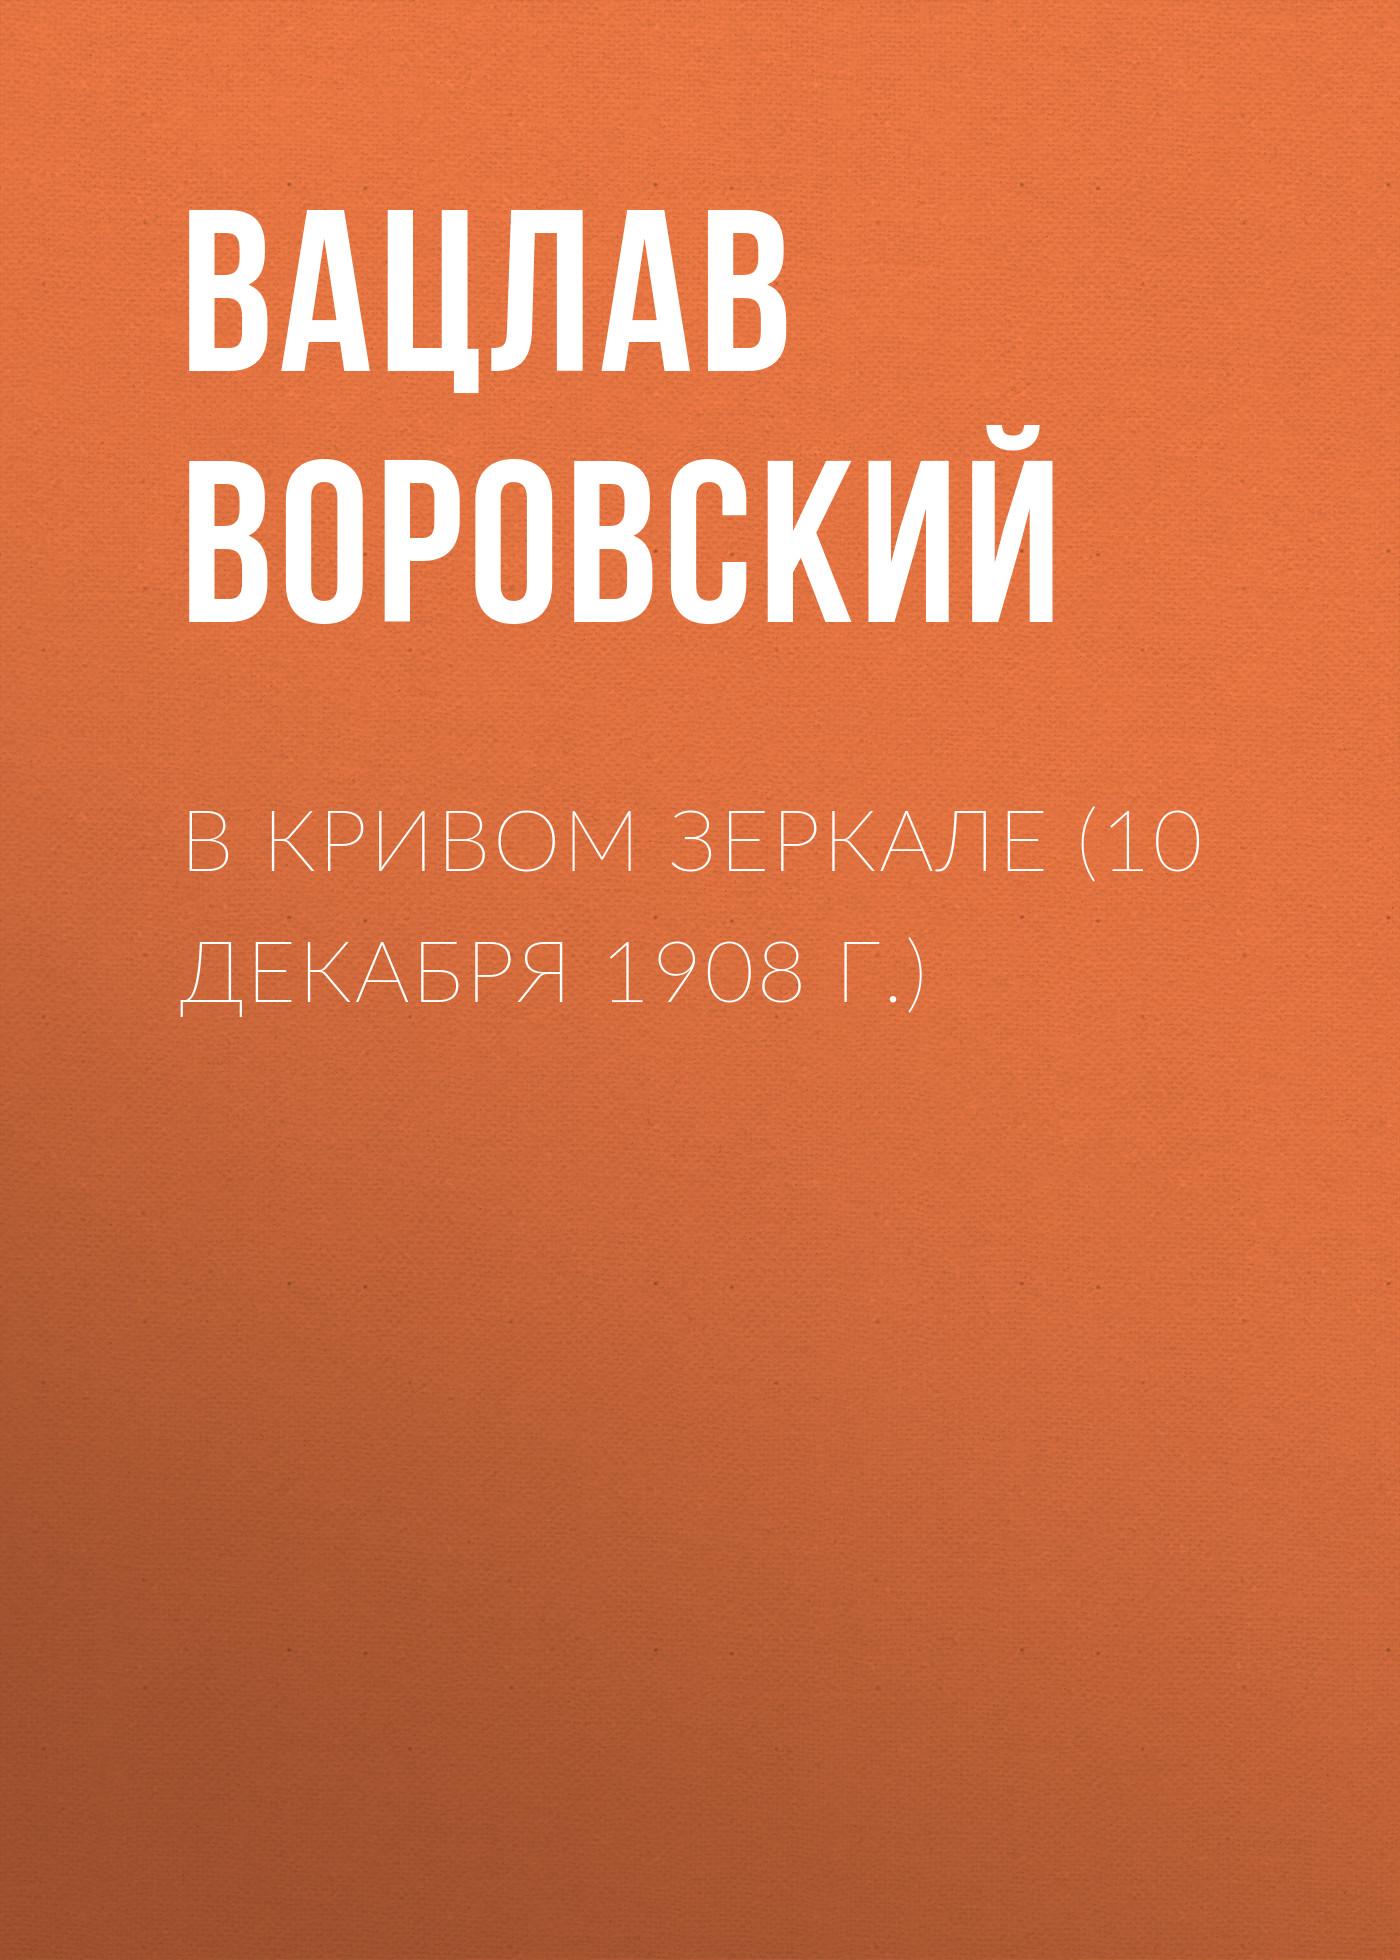 Вацлав Воровский В кривом зеркале (10 декабря 1908 г.) вацлав воровский цыпочка